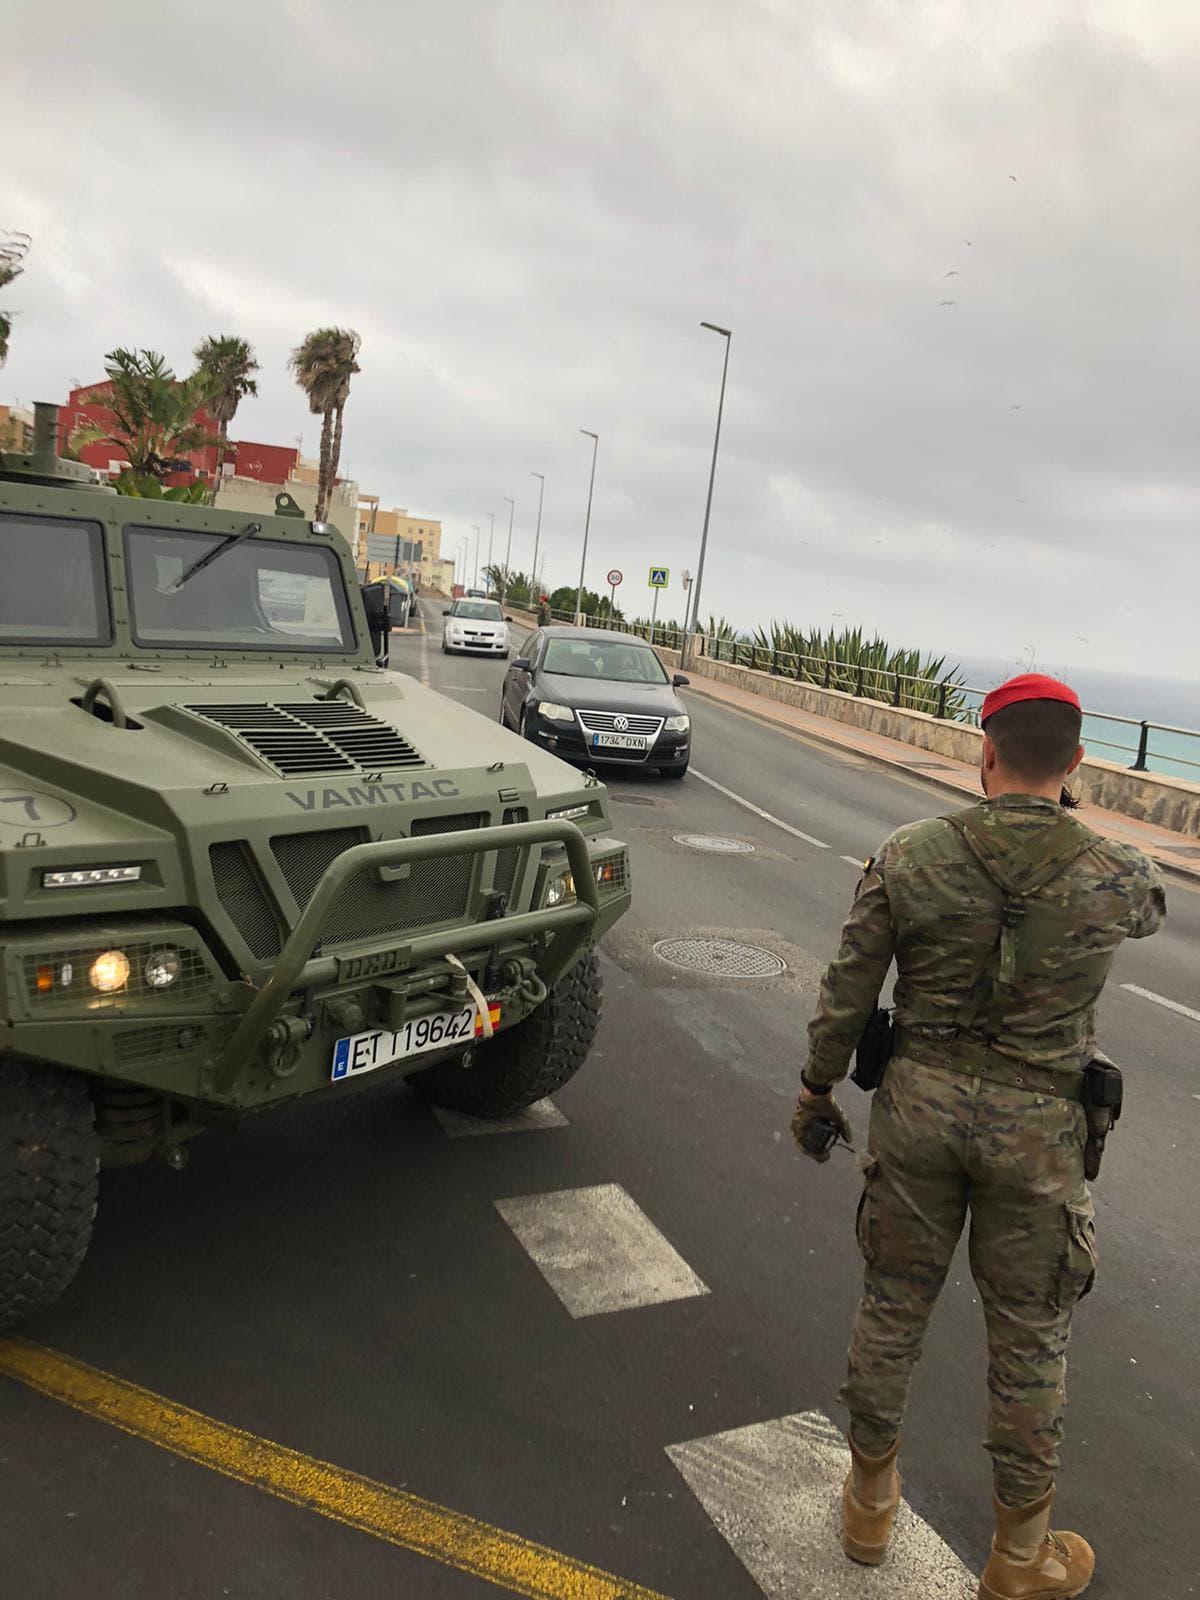 Spanish Militar I